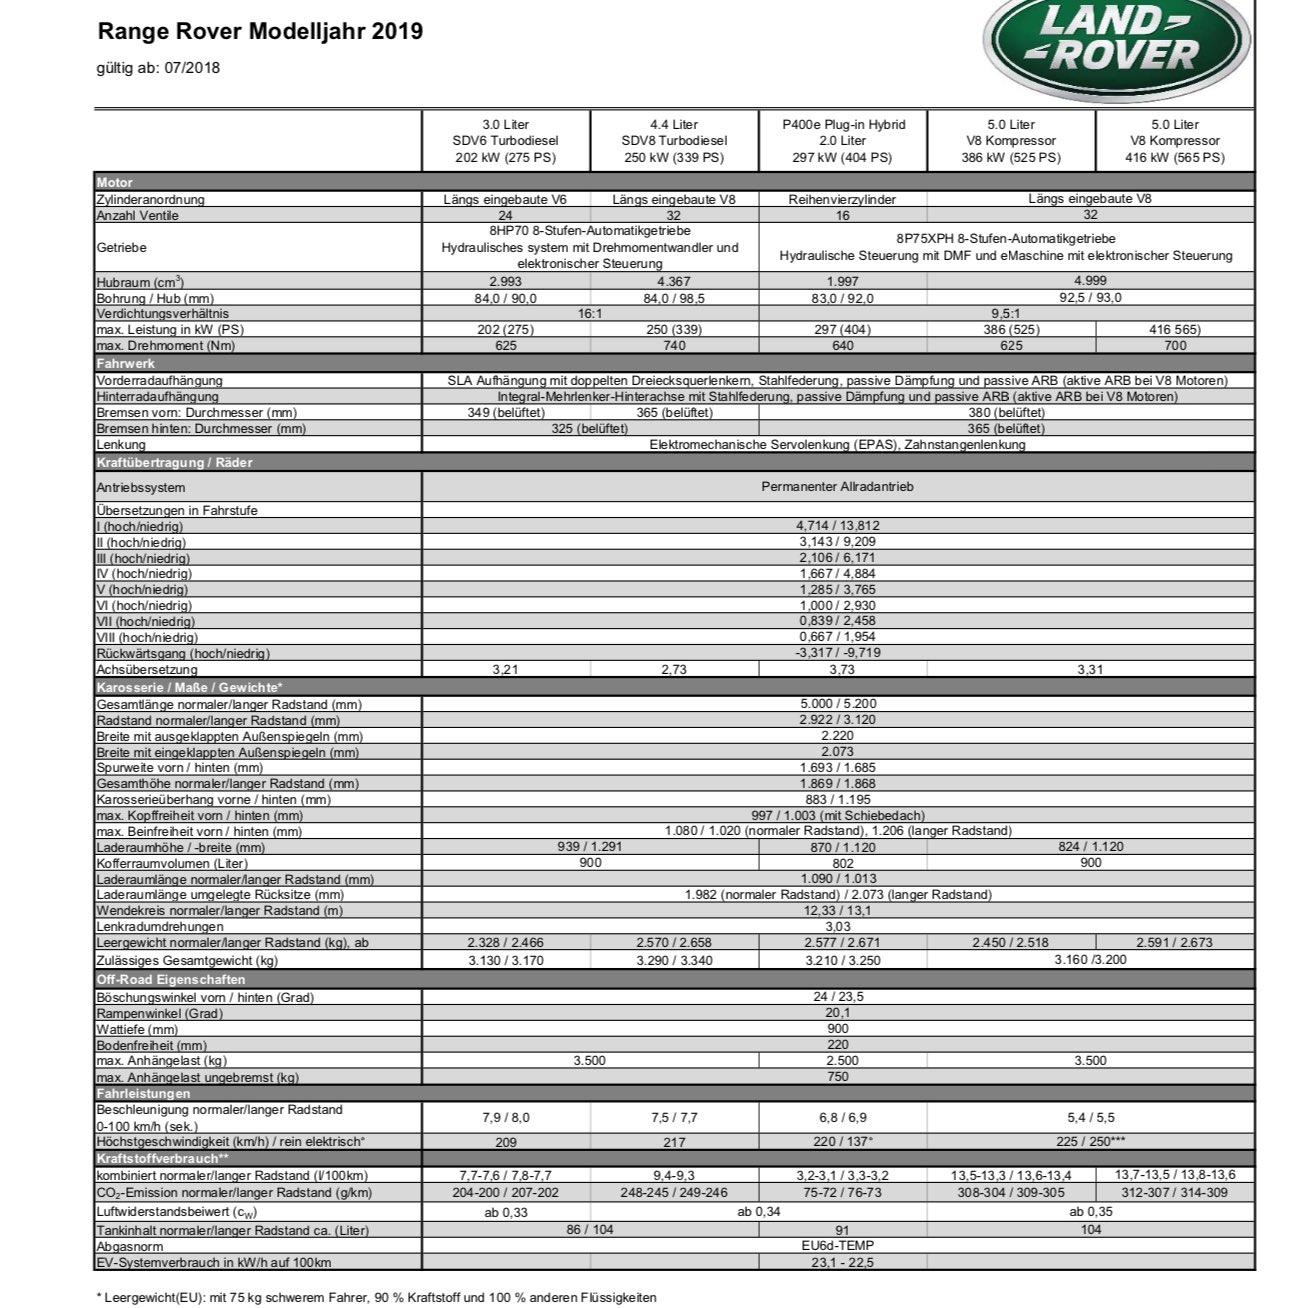 Range Rover Modelljahr 2019 technische Daten